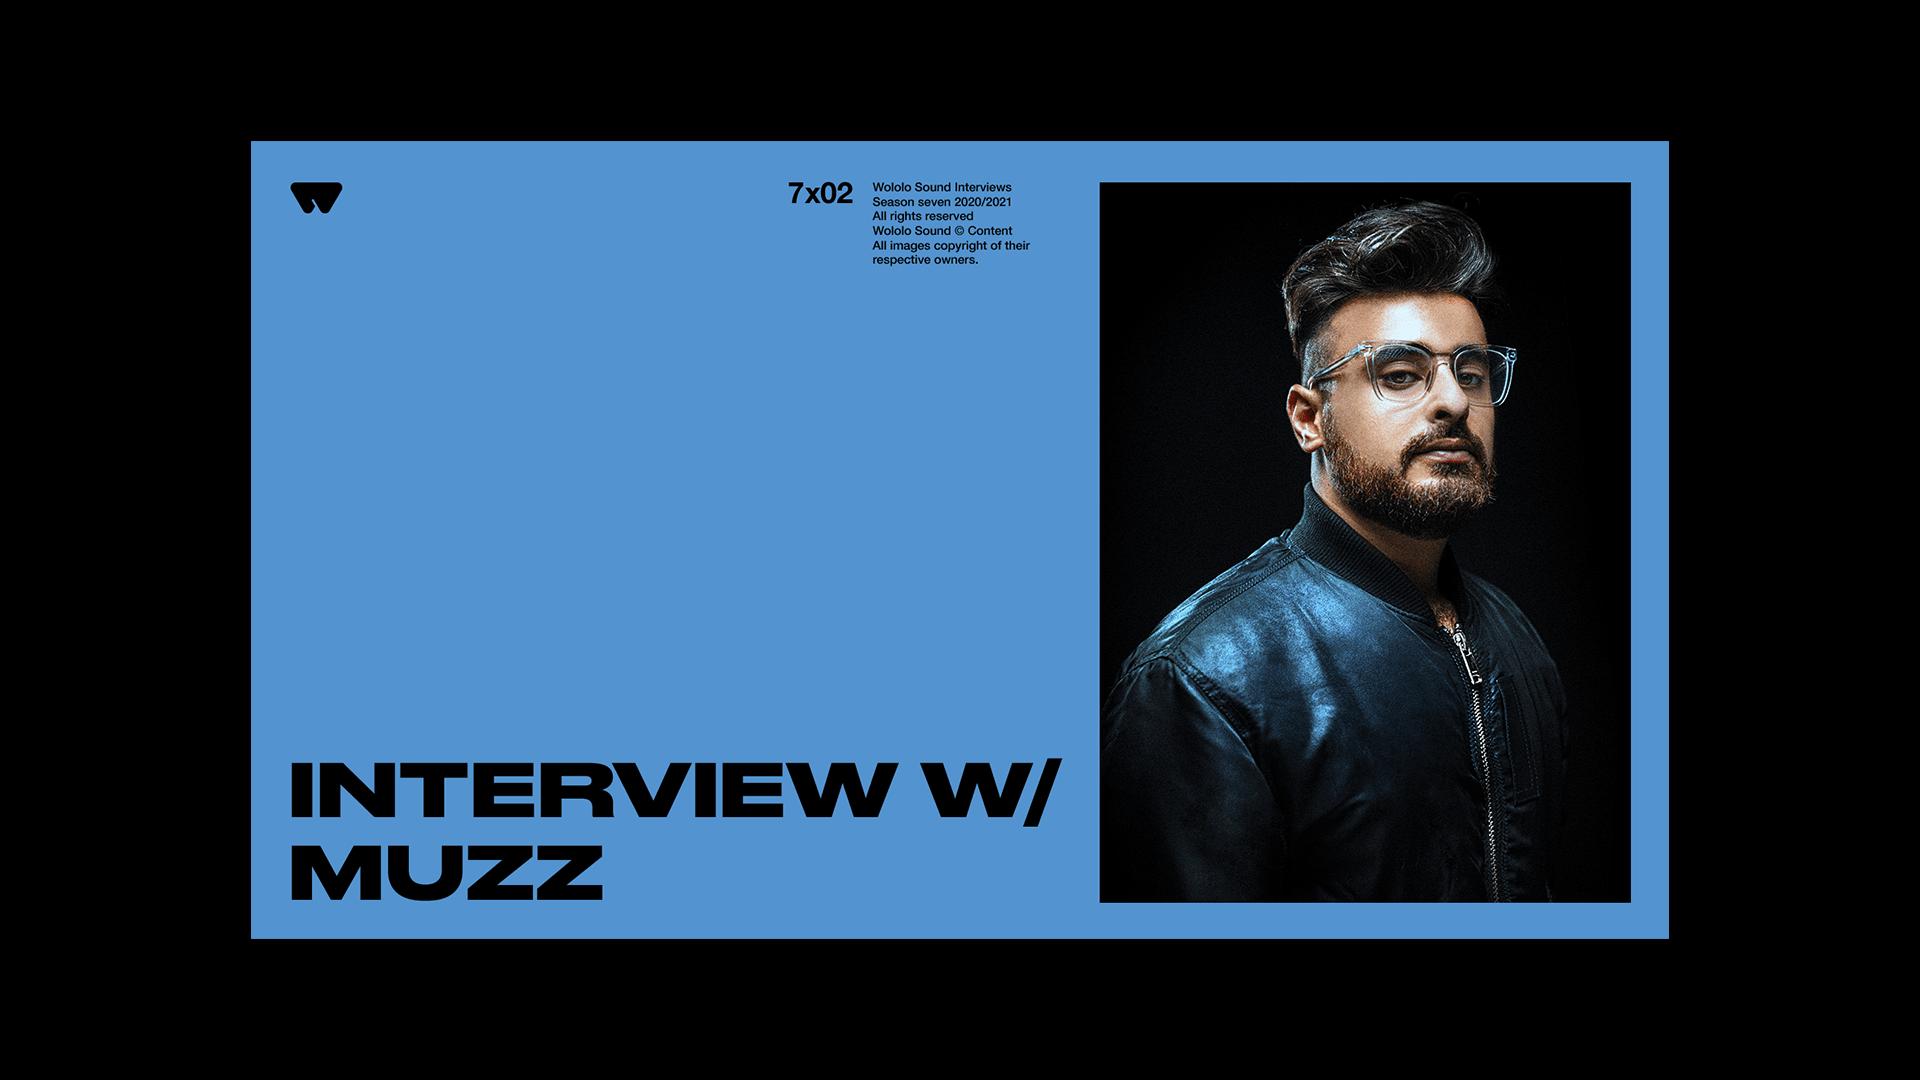 muzz entrevista